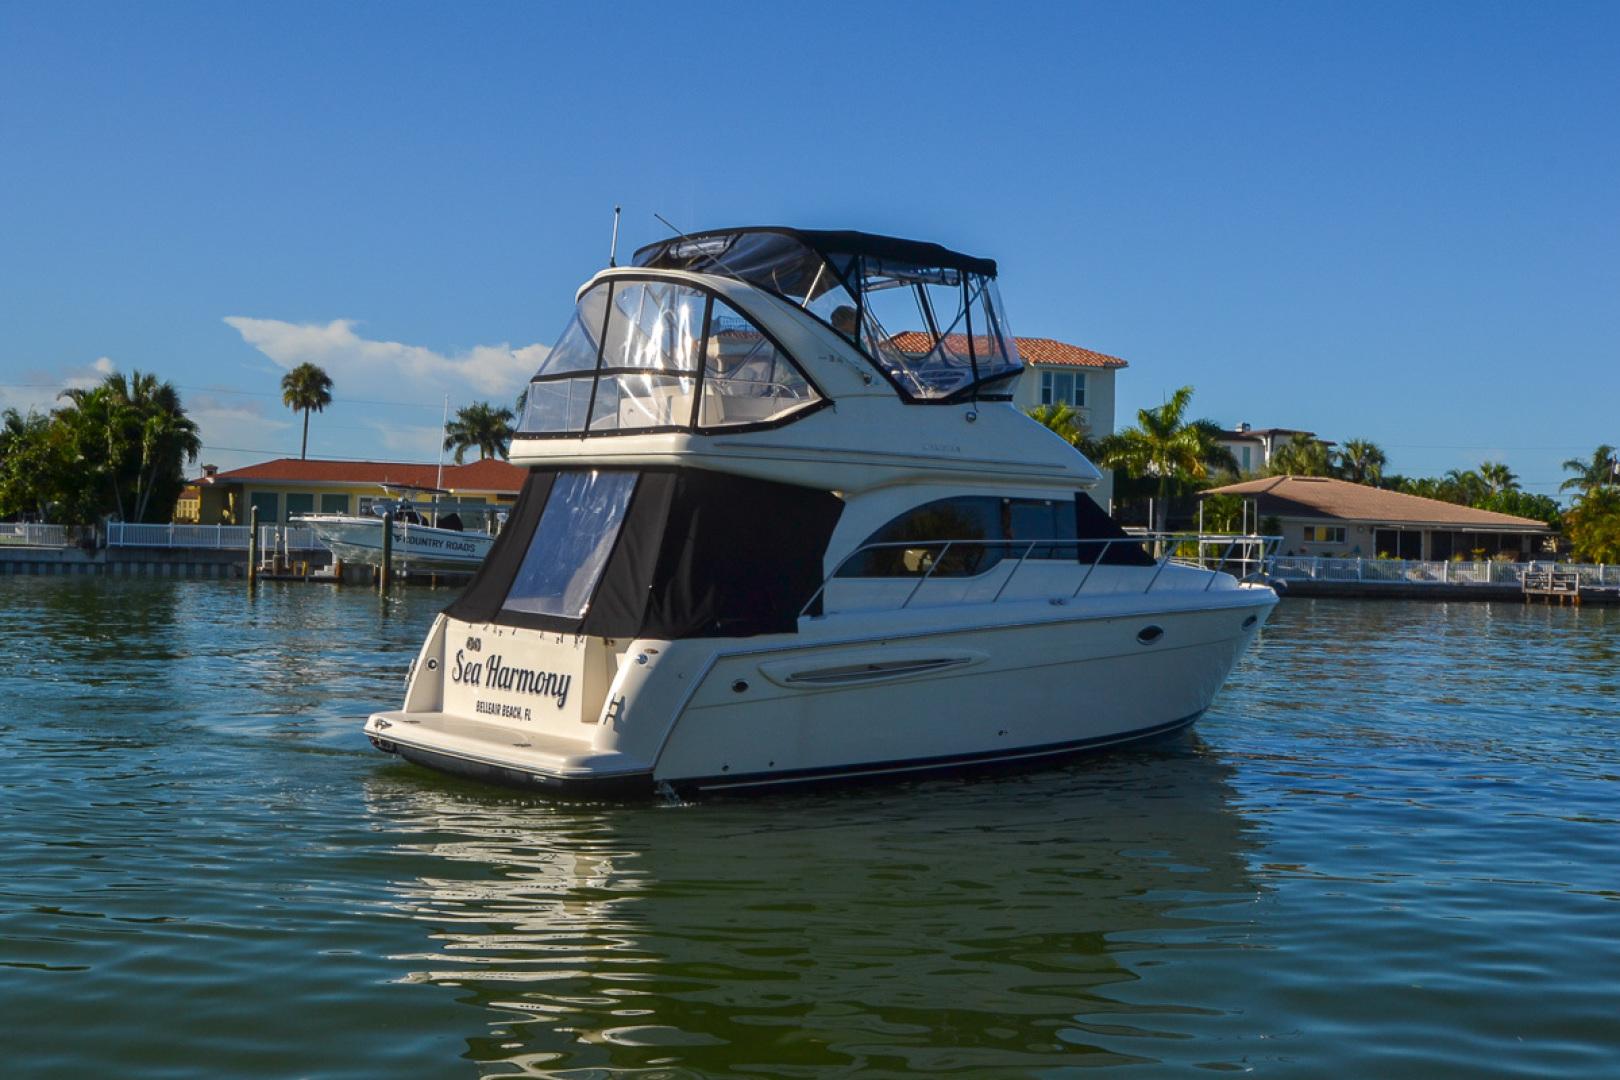 Meridian-341 Sedan 2004-Sea Harmony Belleair Beach-Florida-United States-1496604 | Thumbnail